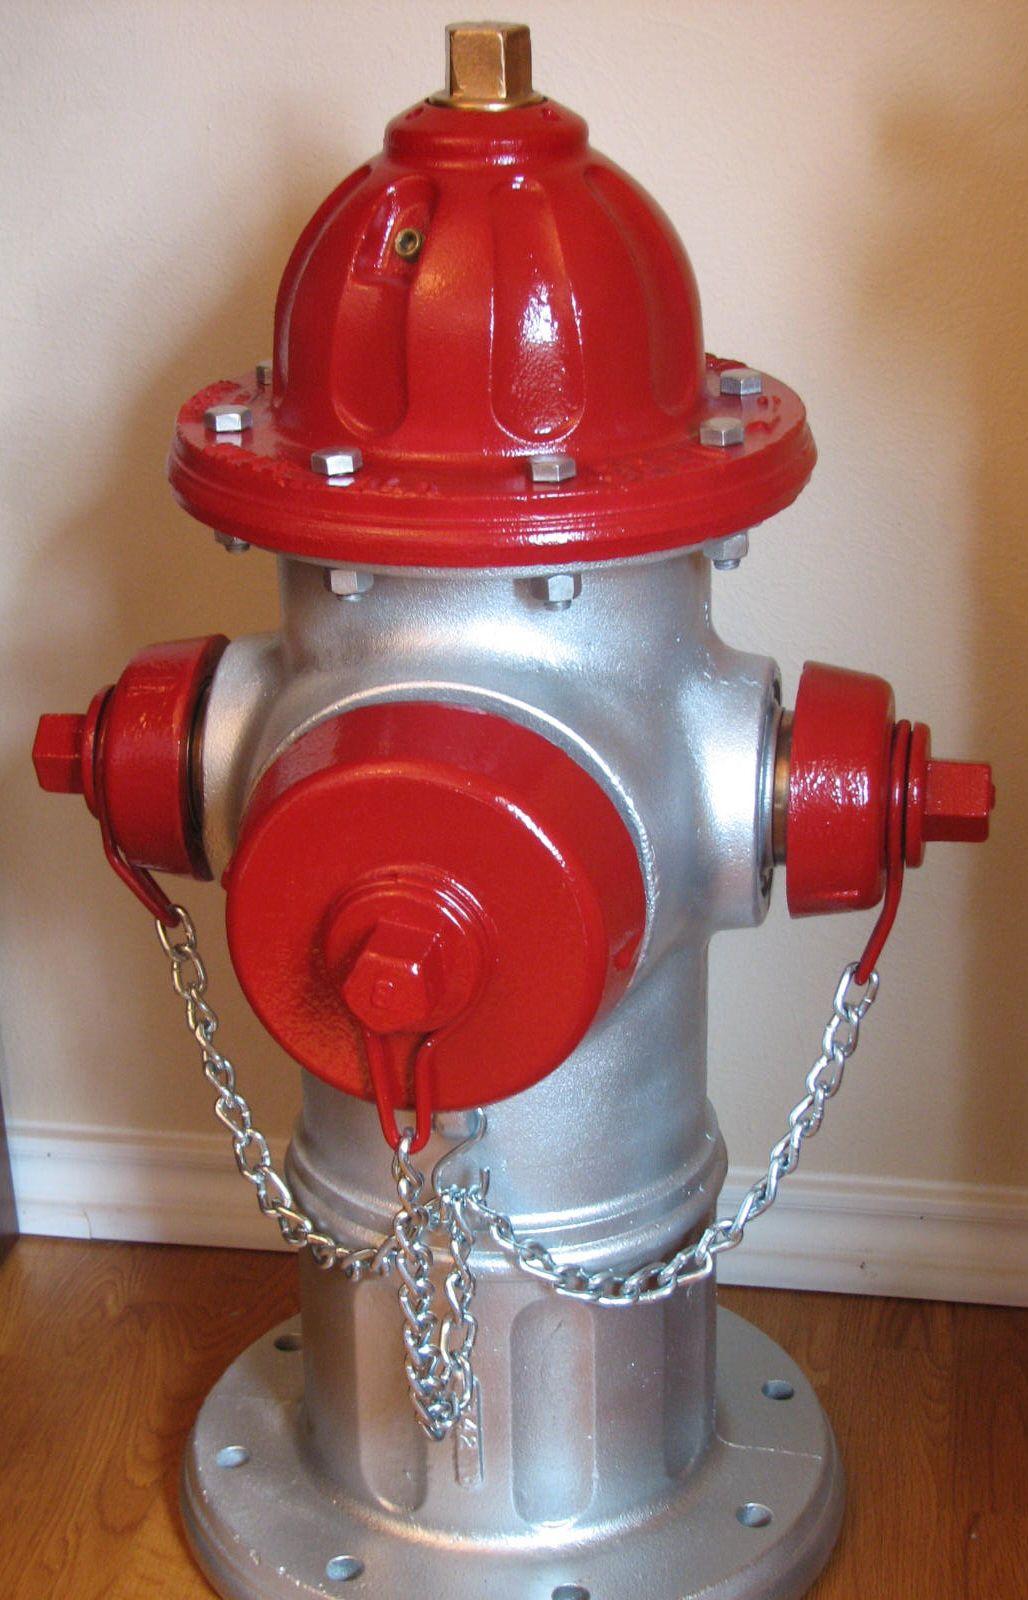 basic fire hydrant diagram john deere 316 kohler wiring mueller nuhydrant pinterest